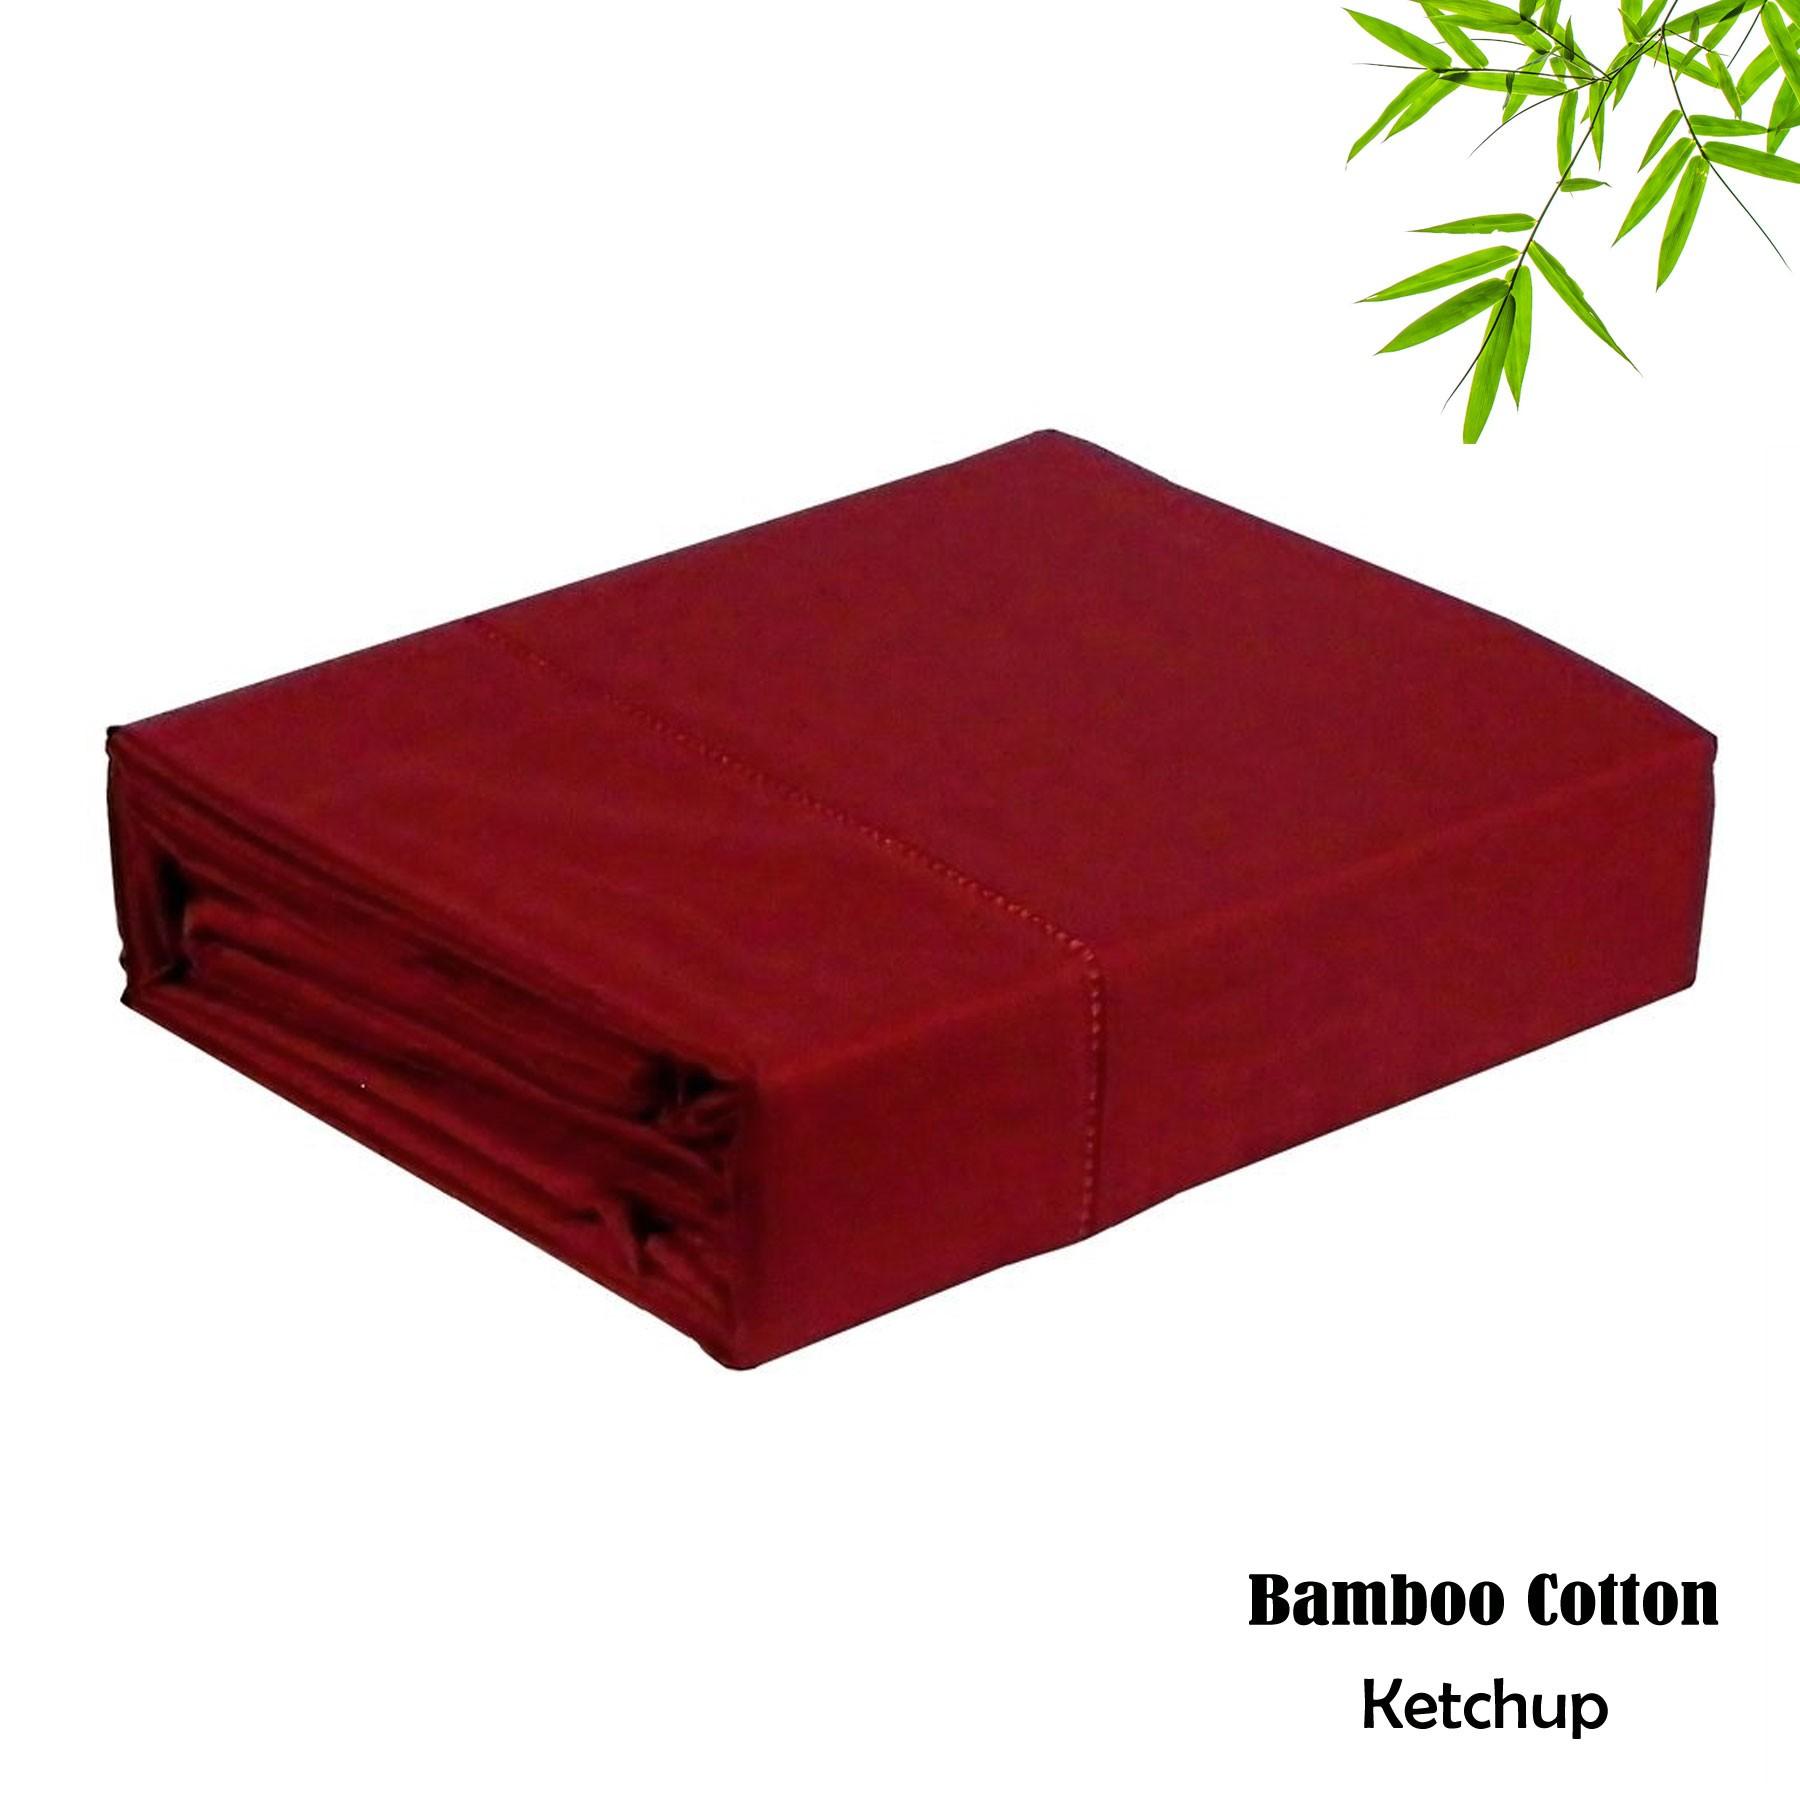 Wamsutta Bamboo Sheets | Fieldcrest Luxury Sheets | Fieldcrest Comforter